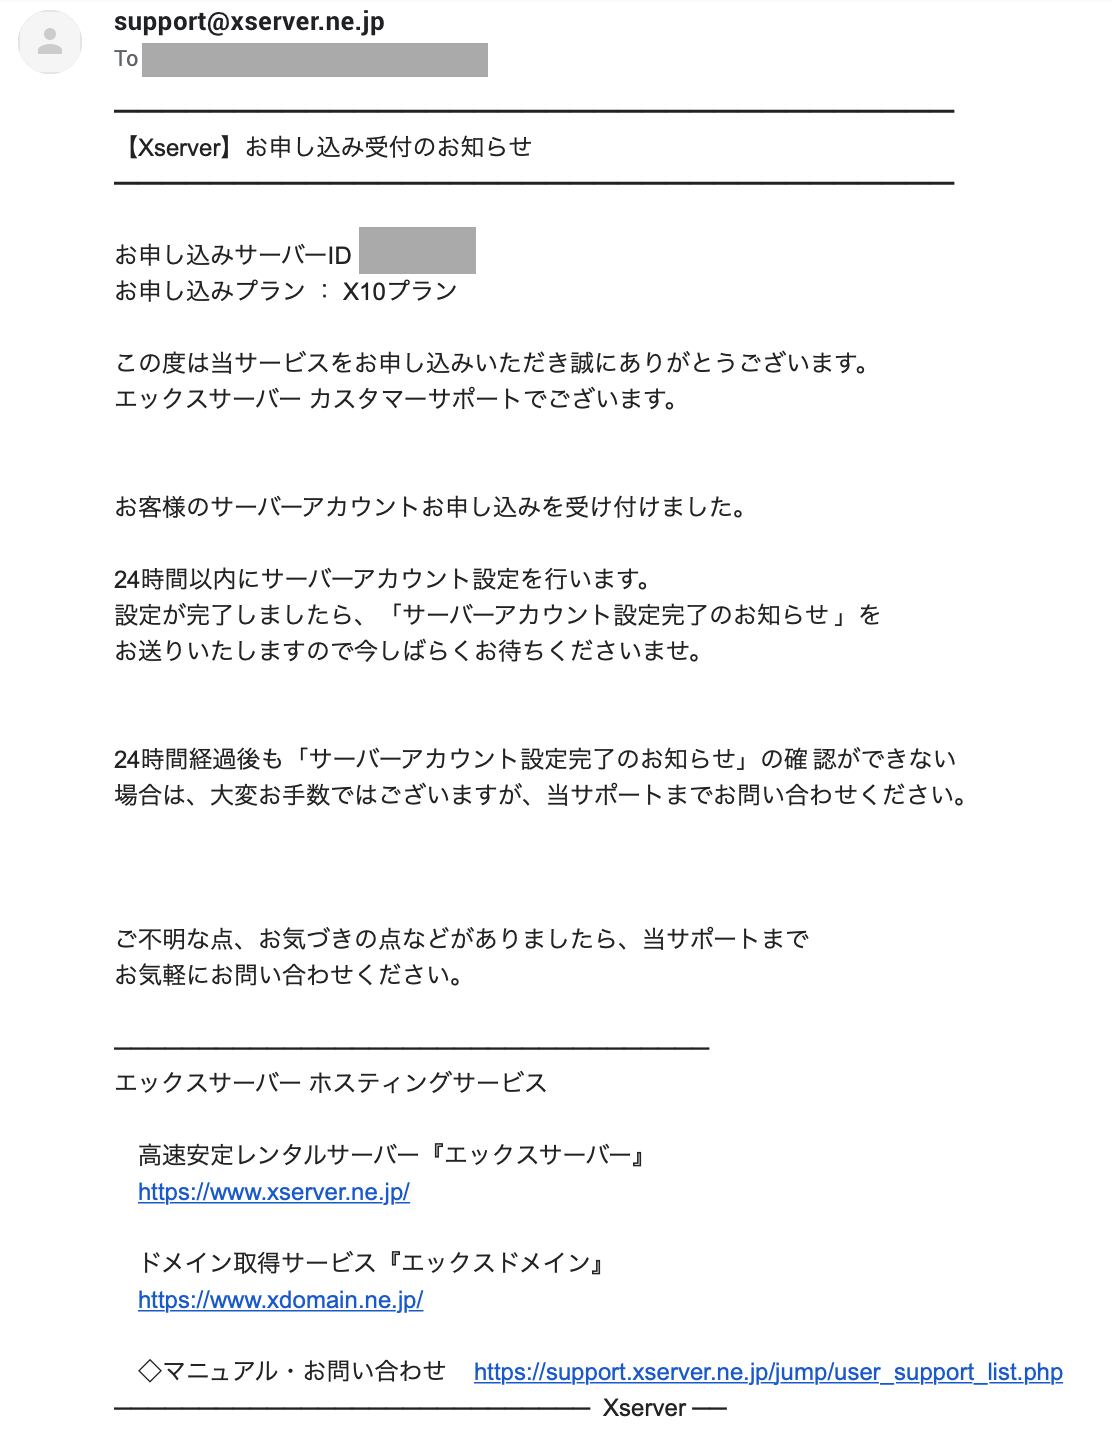 Xserverの登録完了メール